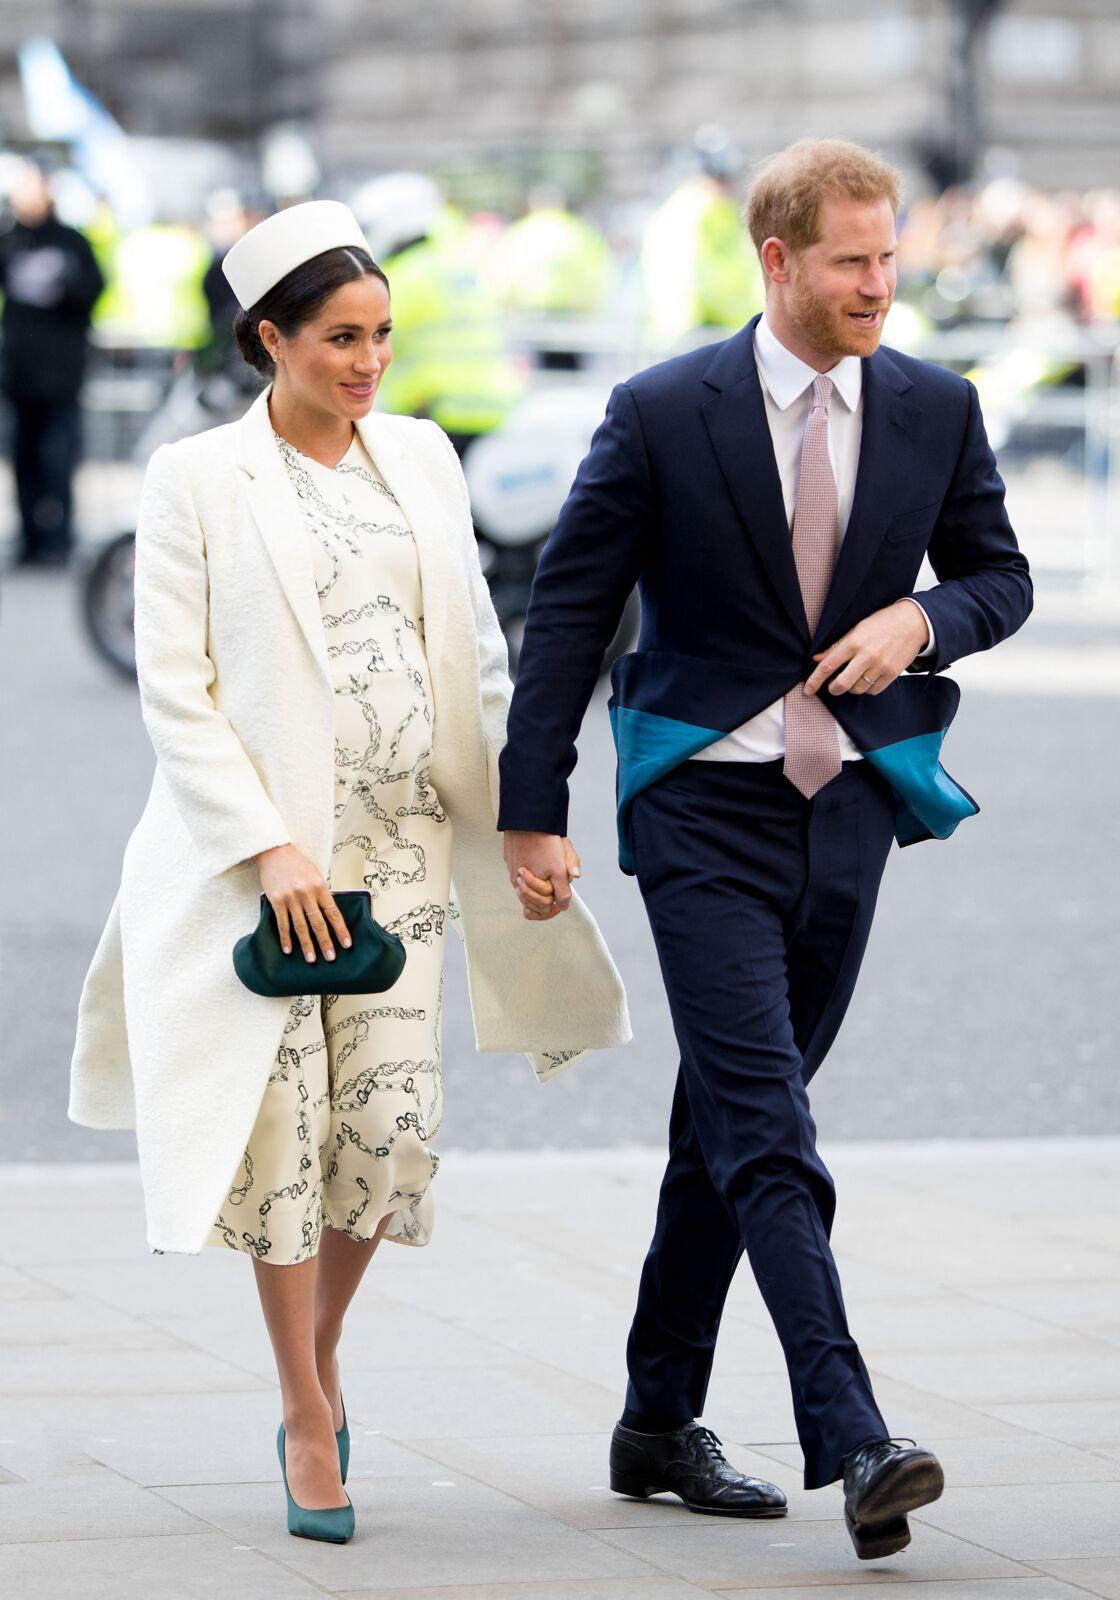 Meghan Markle, (enceinte) et le prince Harry, duc de Sussex lors de la messe en l'honneur de la journée du Commonwealth à l'abbaye de Westminster à Londres, le 11 mars 2019.